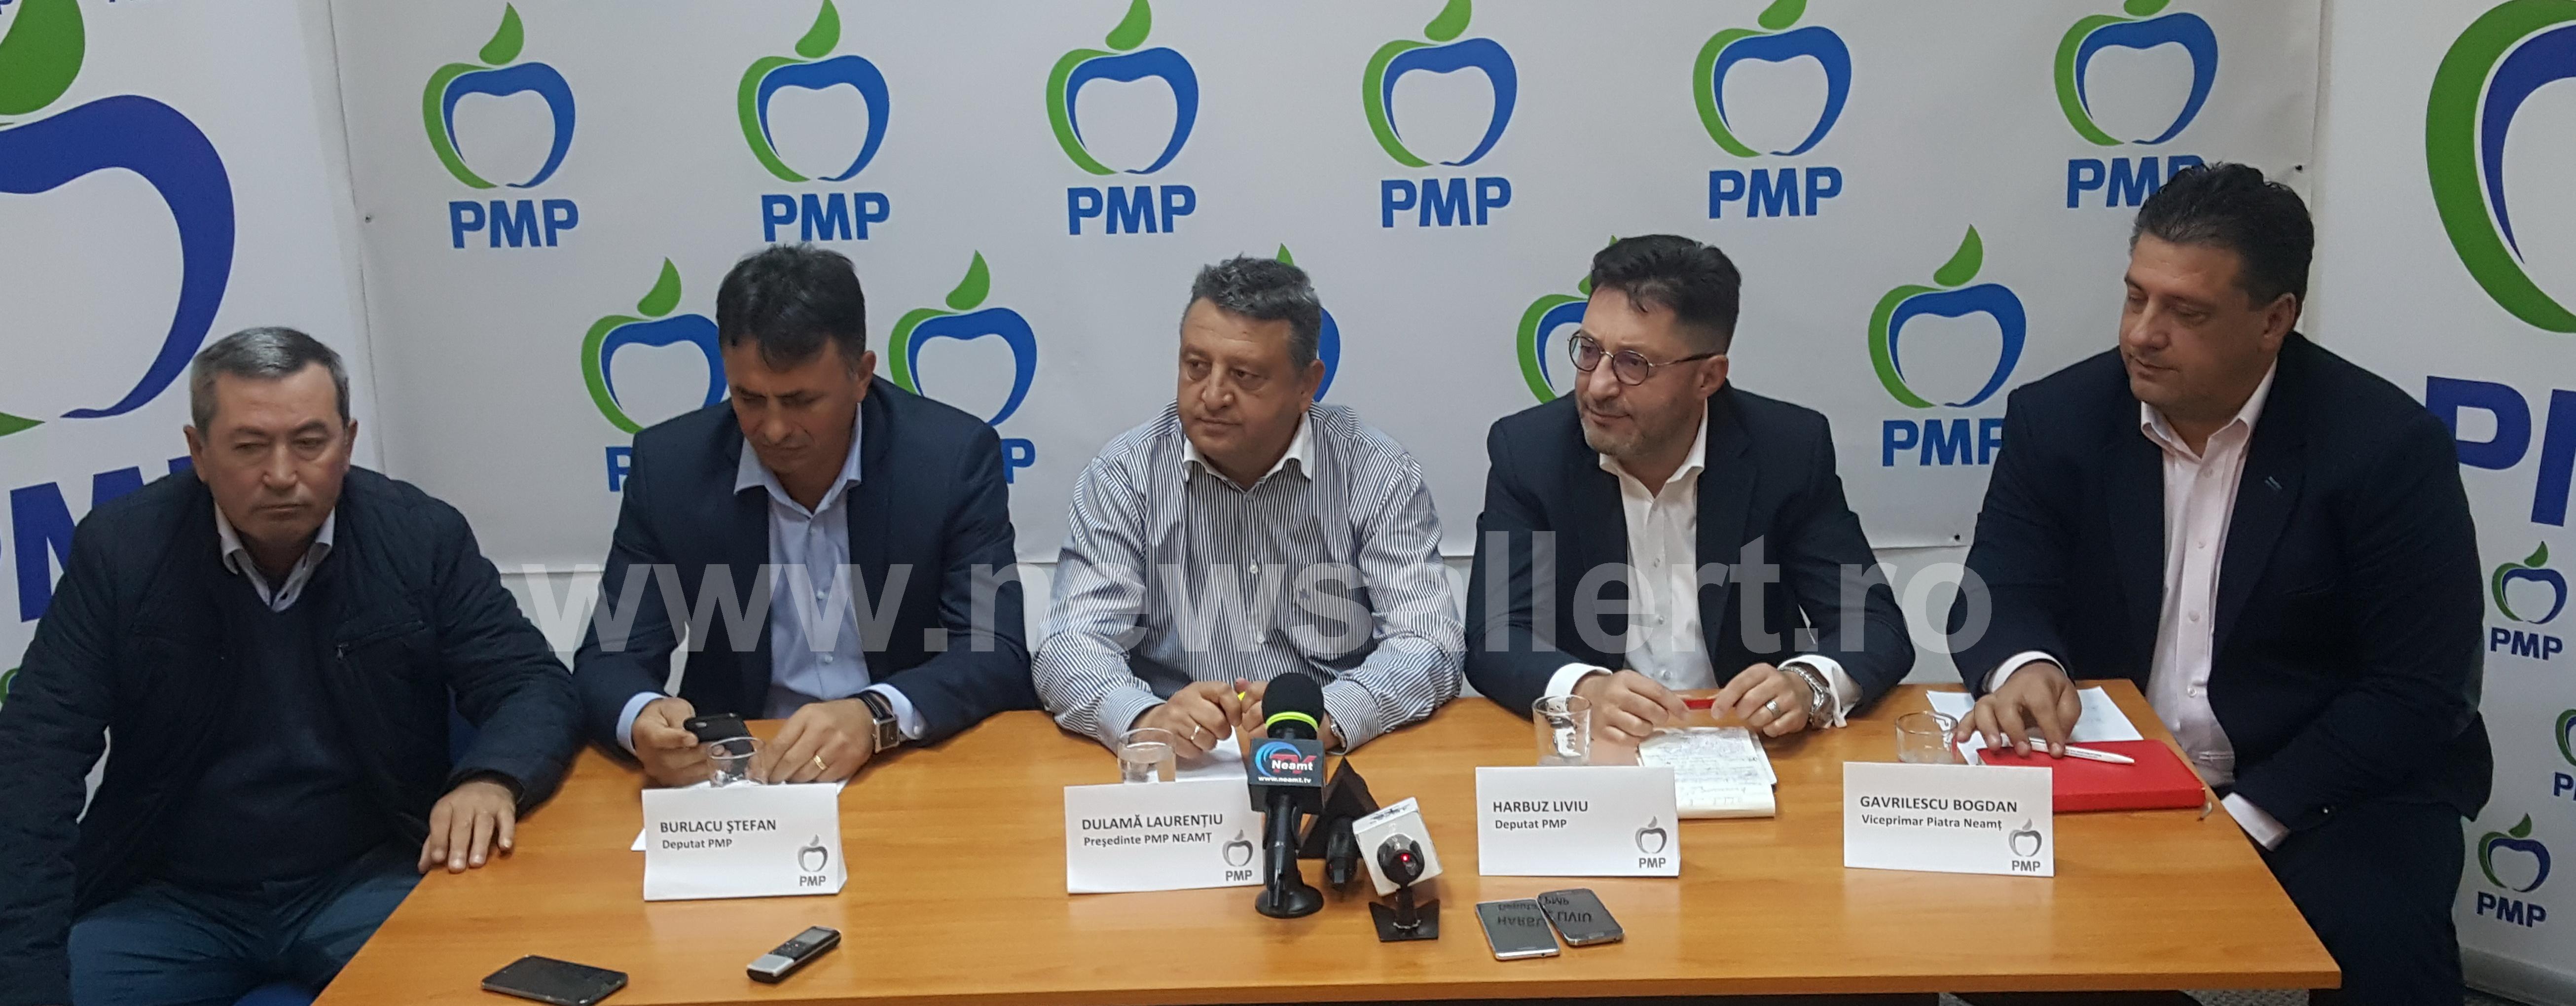 conferinta-pmp-neamt-3-deputatu